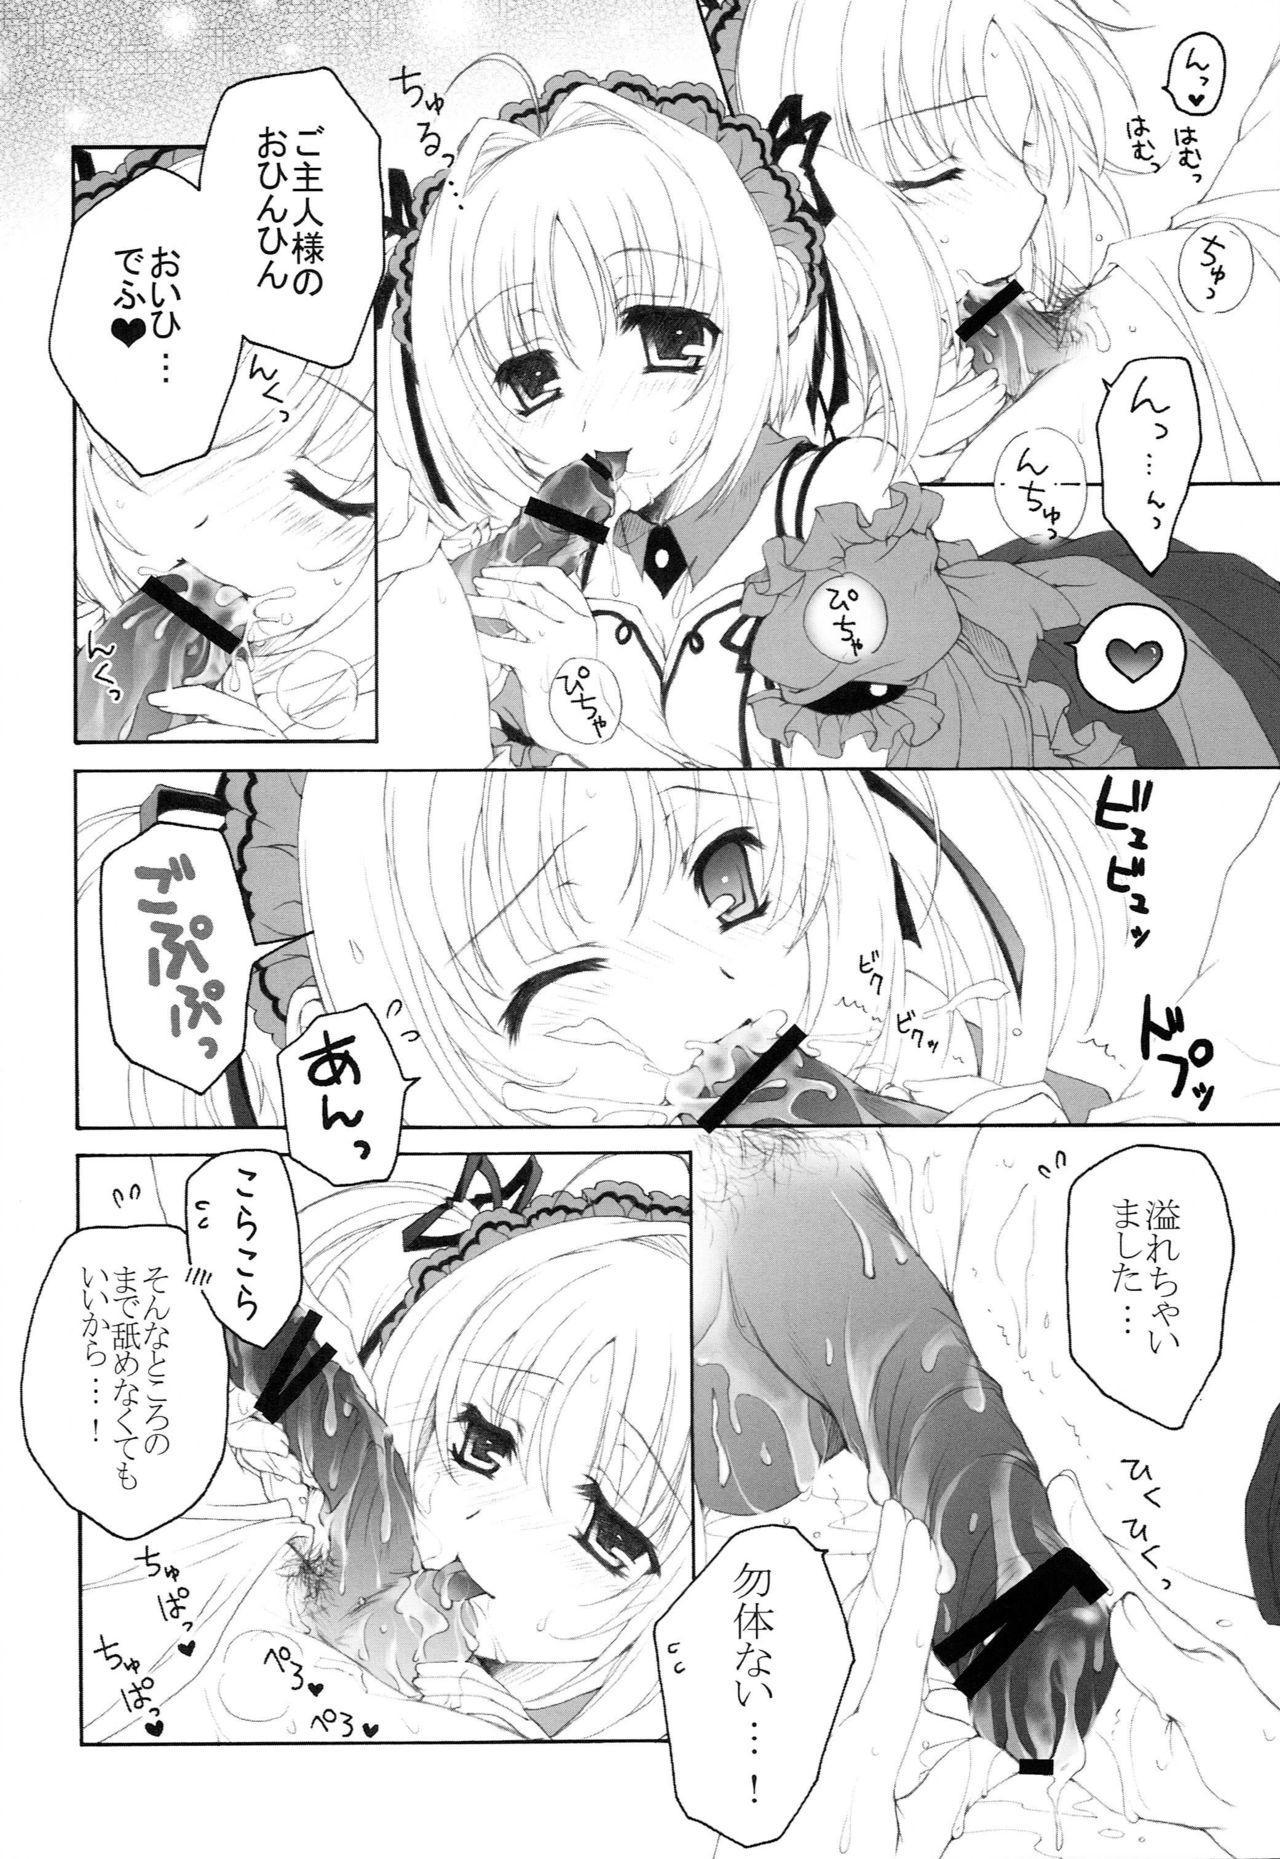 Maid no Susume!? 2 8